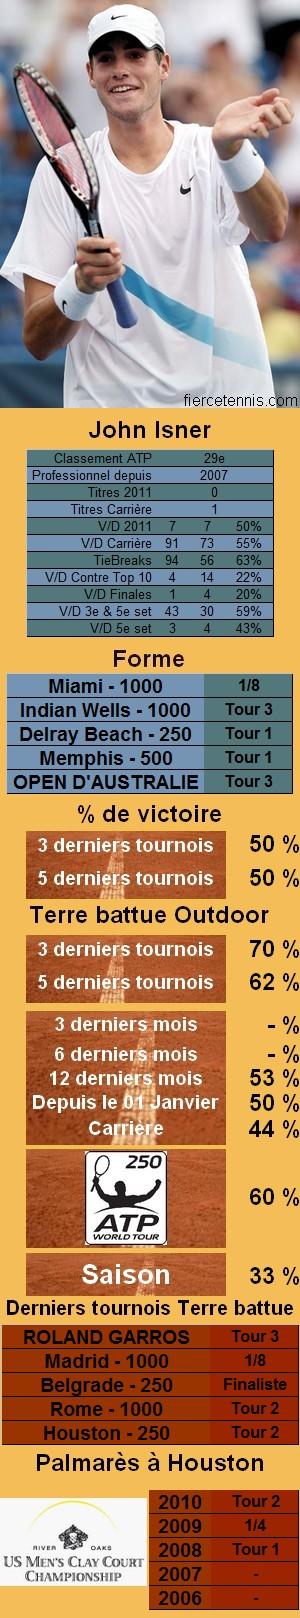 Les statistiques tennis de John Isner pour le tournoi de Houston